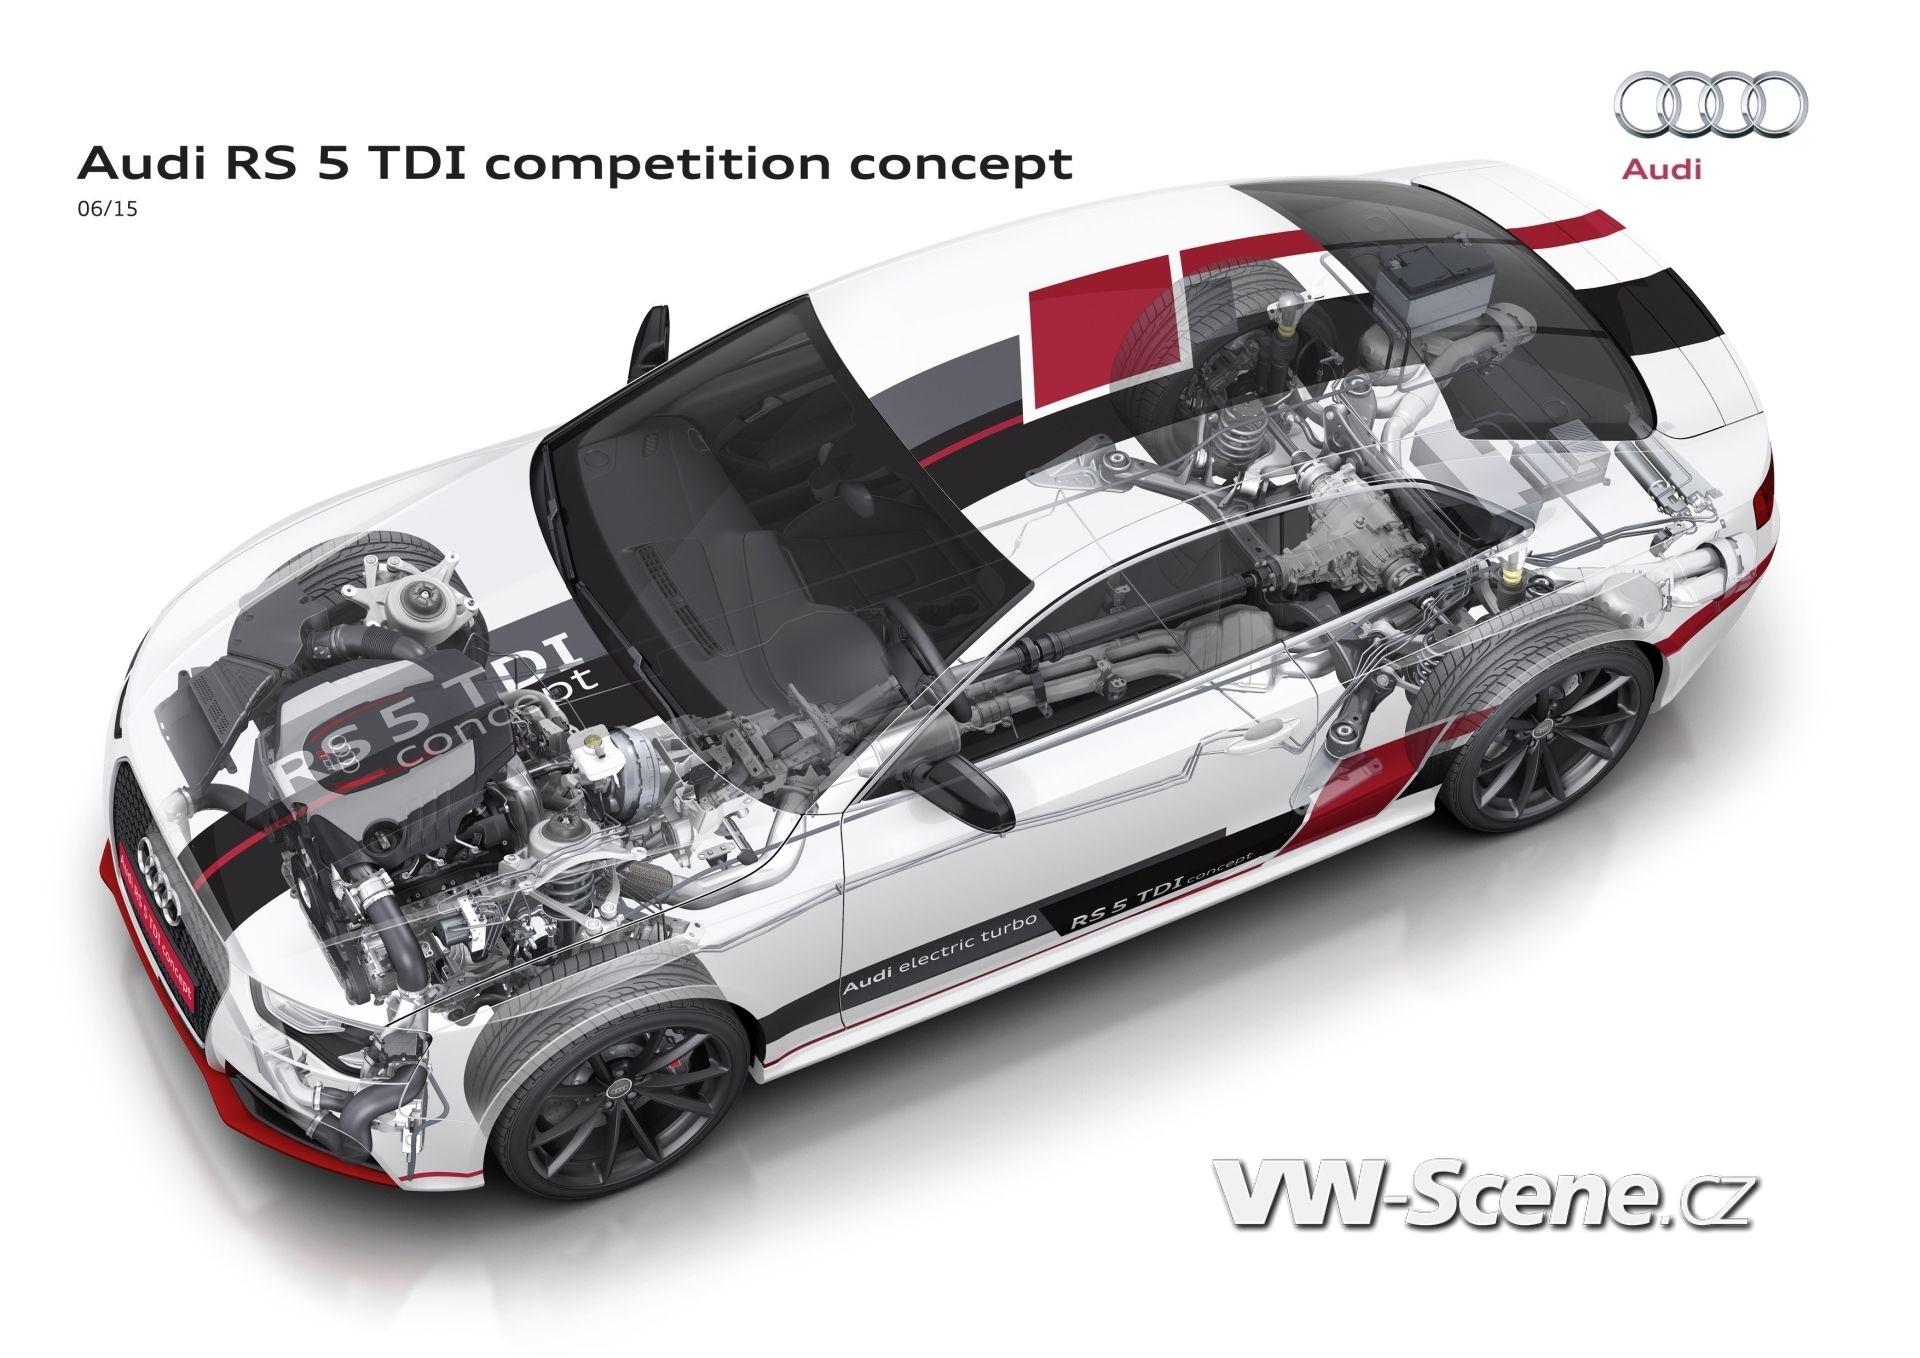 Audi RS 5 TDI 03